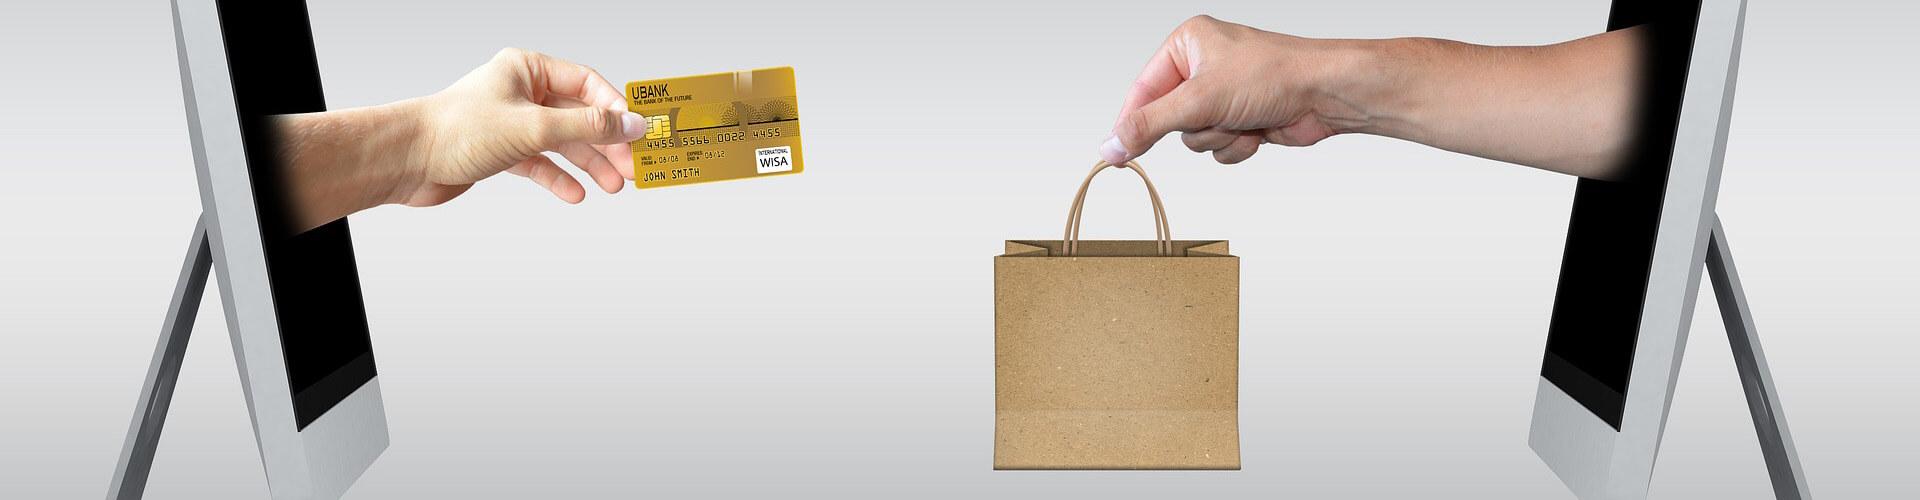 eCommerce payment options Dubai